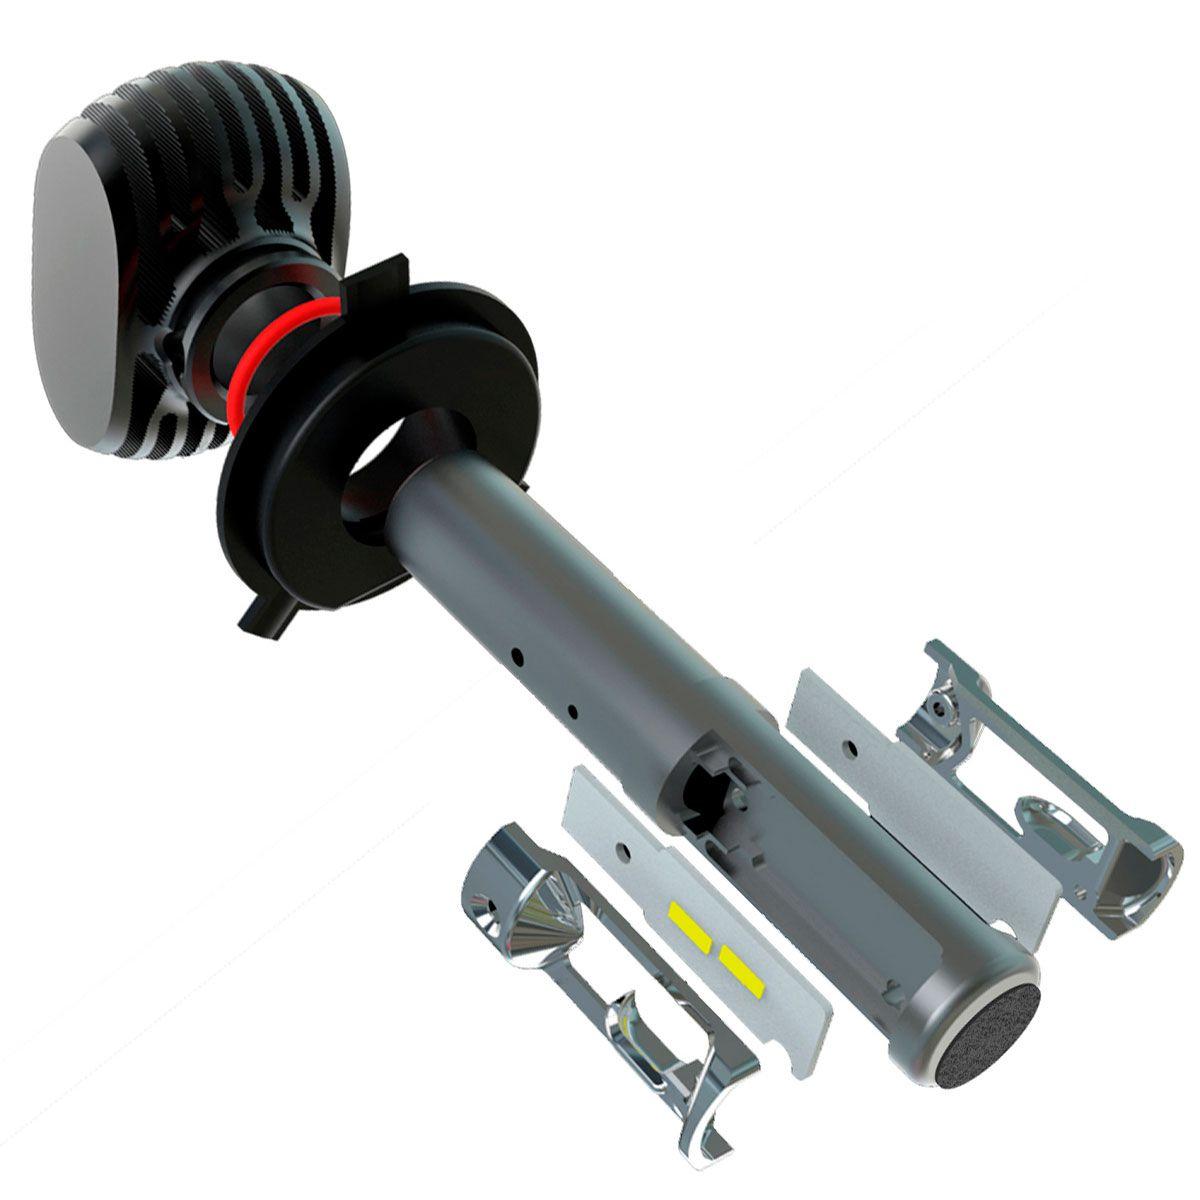 Kit Ultra LED Hilux SW4 2012 até 2020 tipo xenon farol de milha HB4 50W